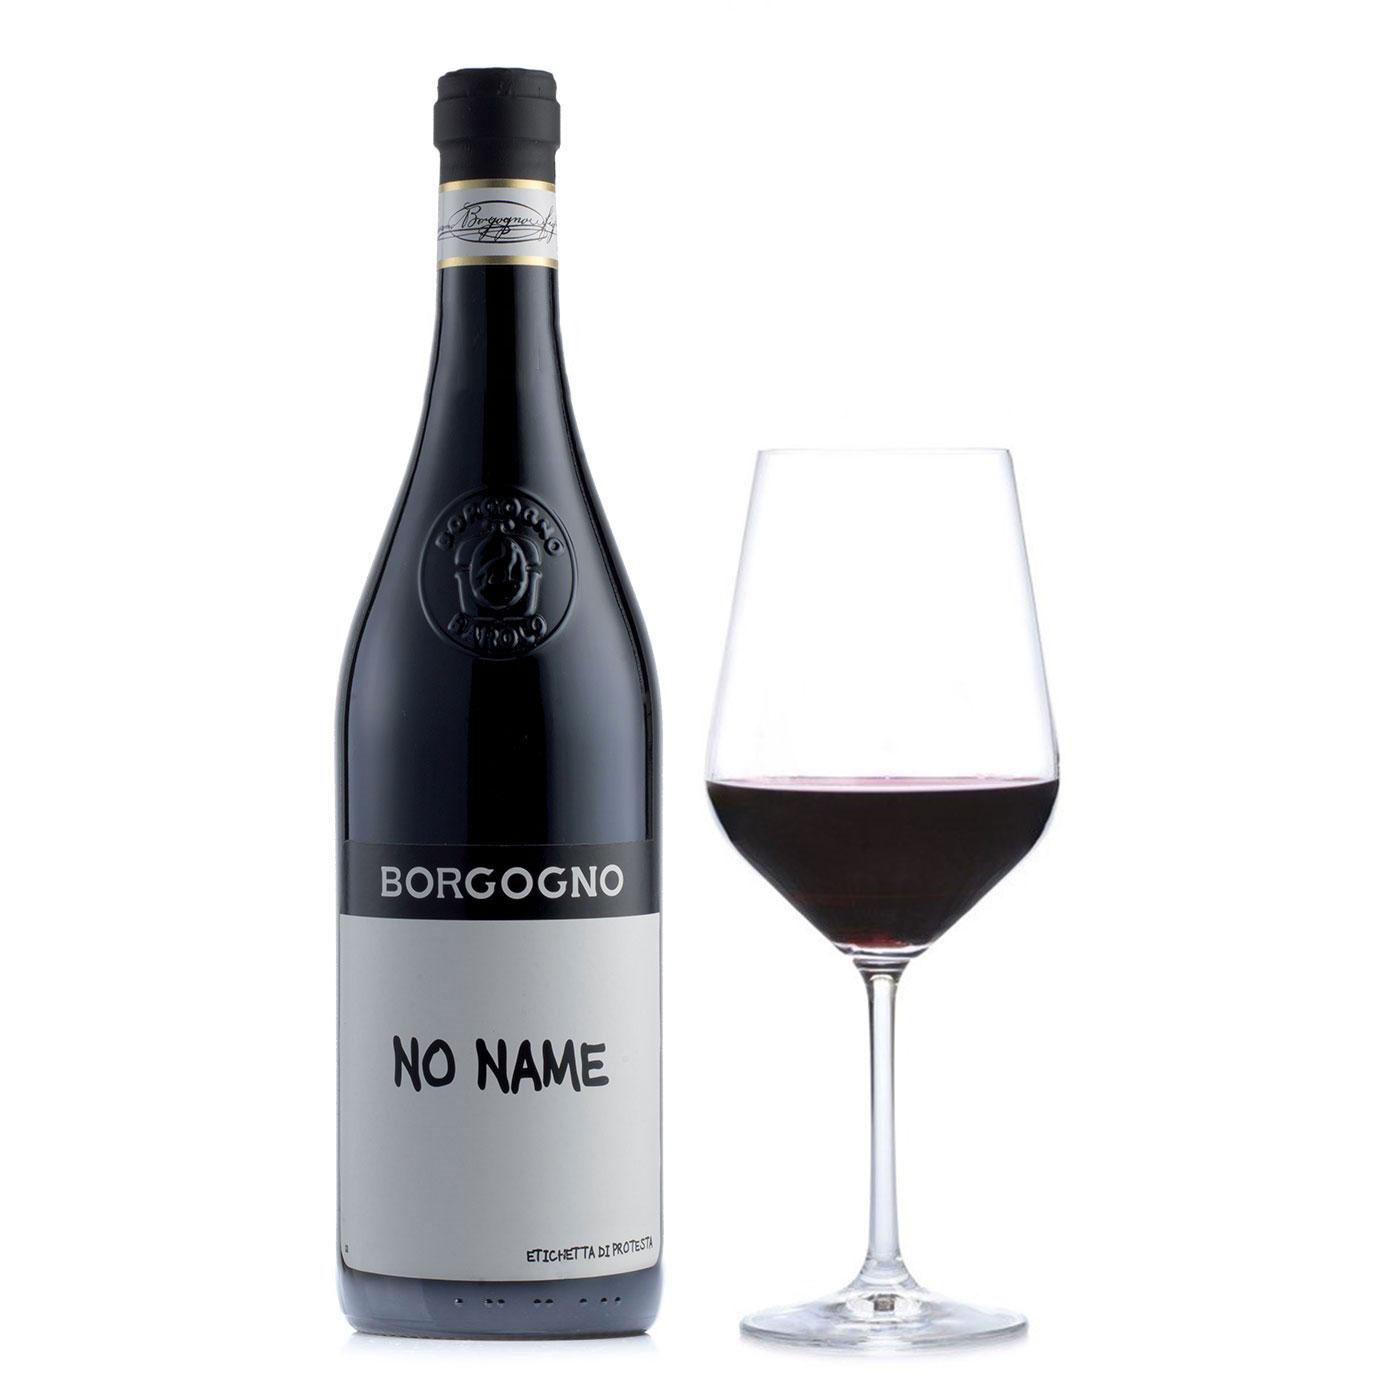 Borgogno No Name 2015 0,75l